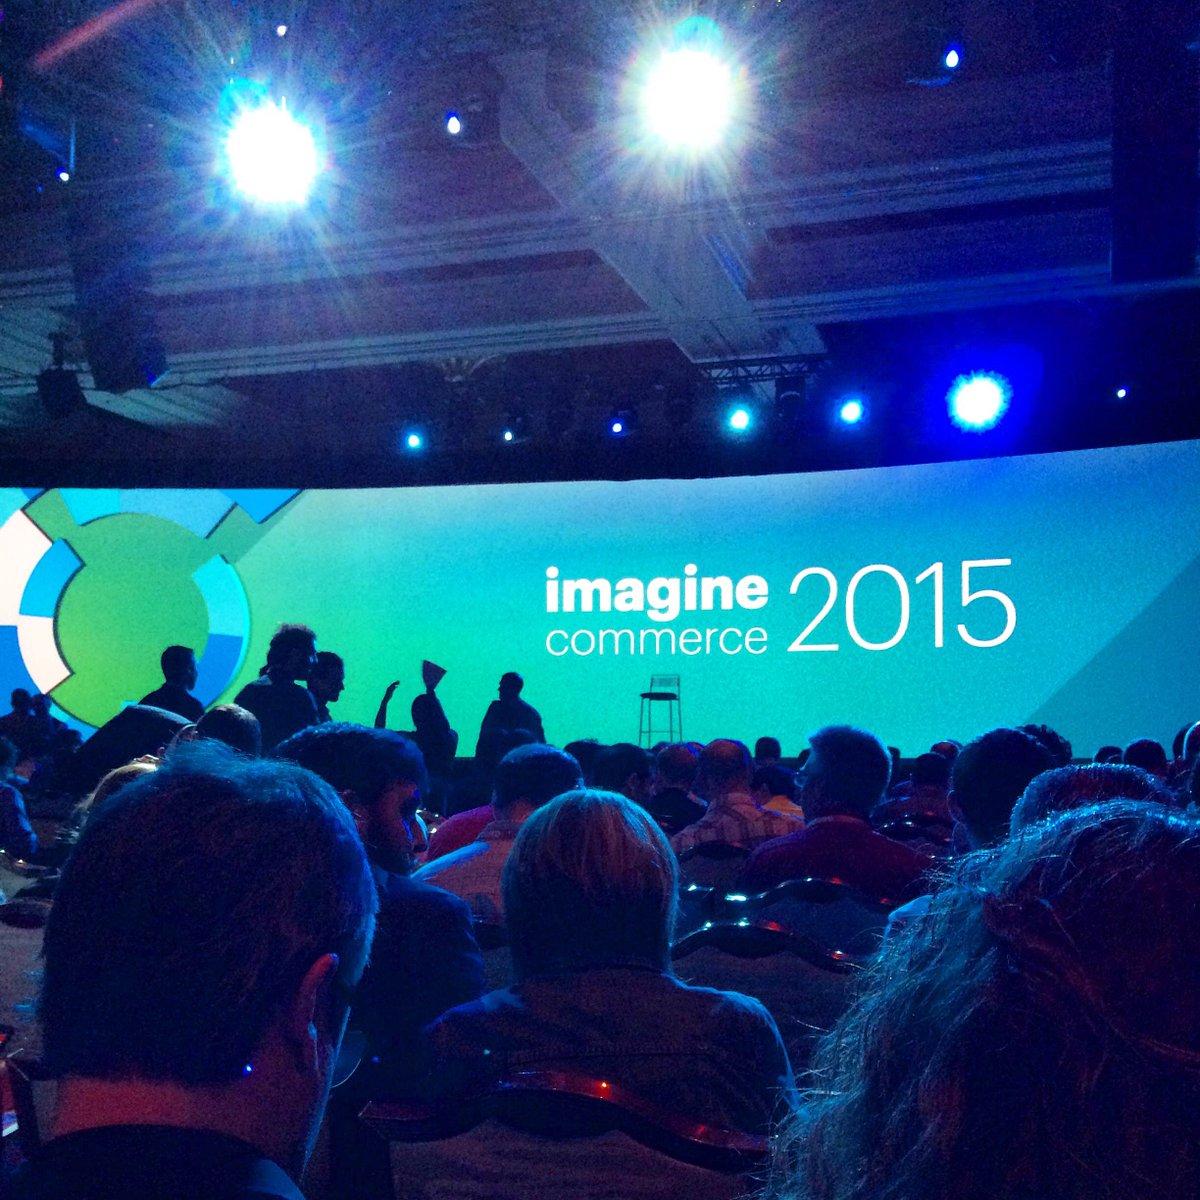 MTLbuzz: TR @Absolunet: Notre aventure se poursuit #Imagine2015 #imagineconference @magento #ecommerce http://t.co/Q1l4V5d2eg http://t.co/k8DftHj9f0